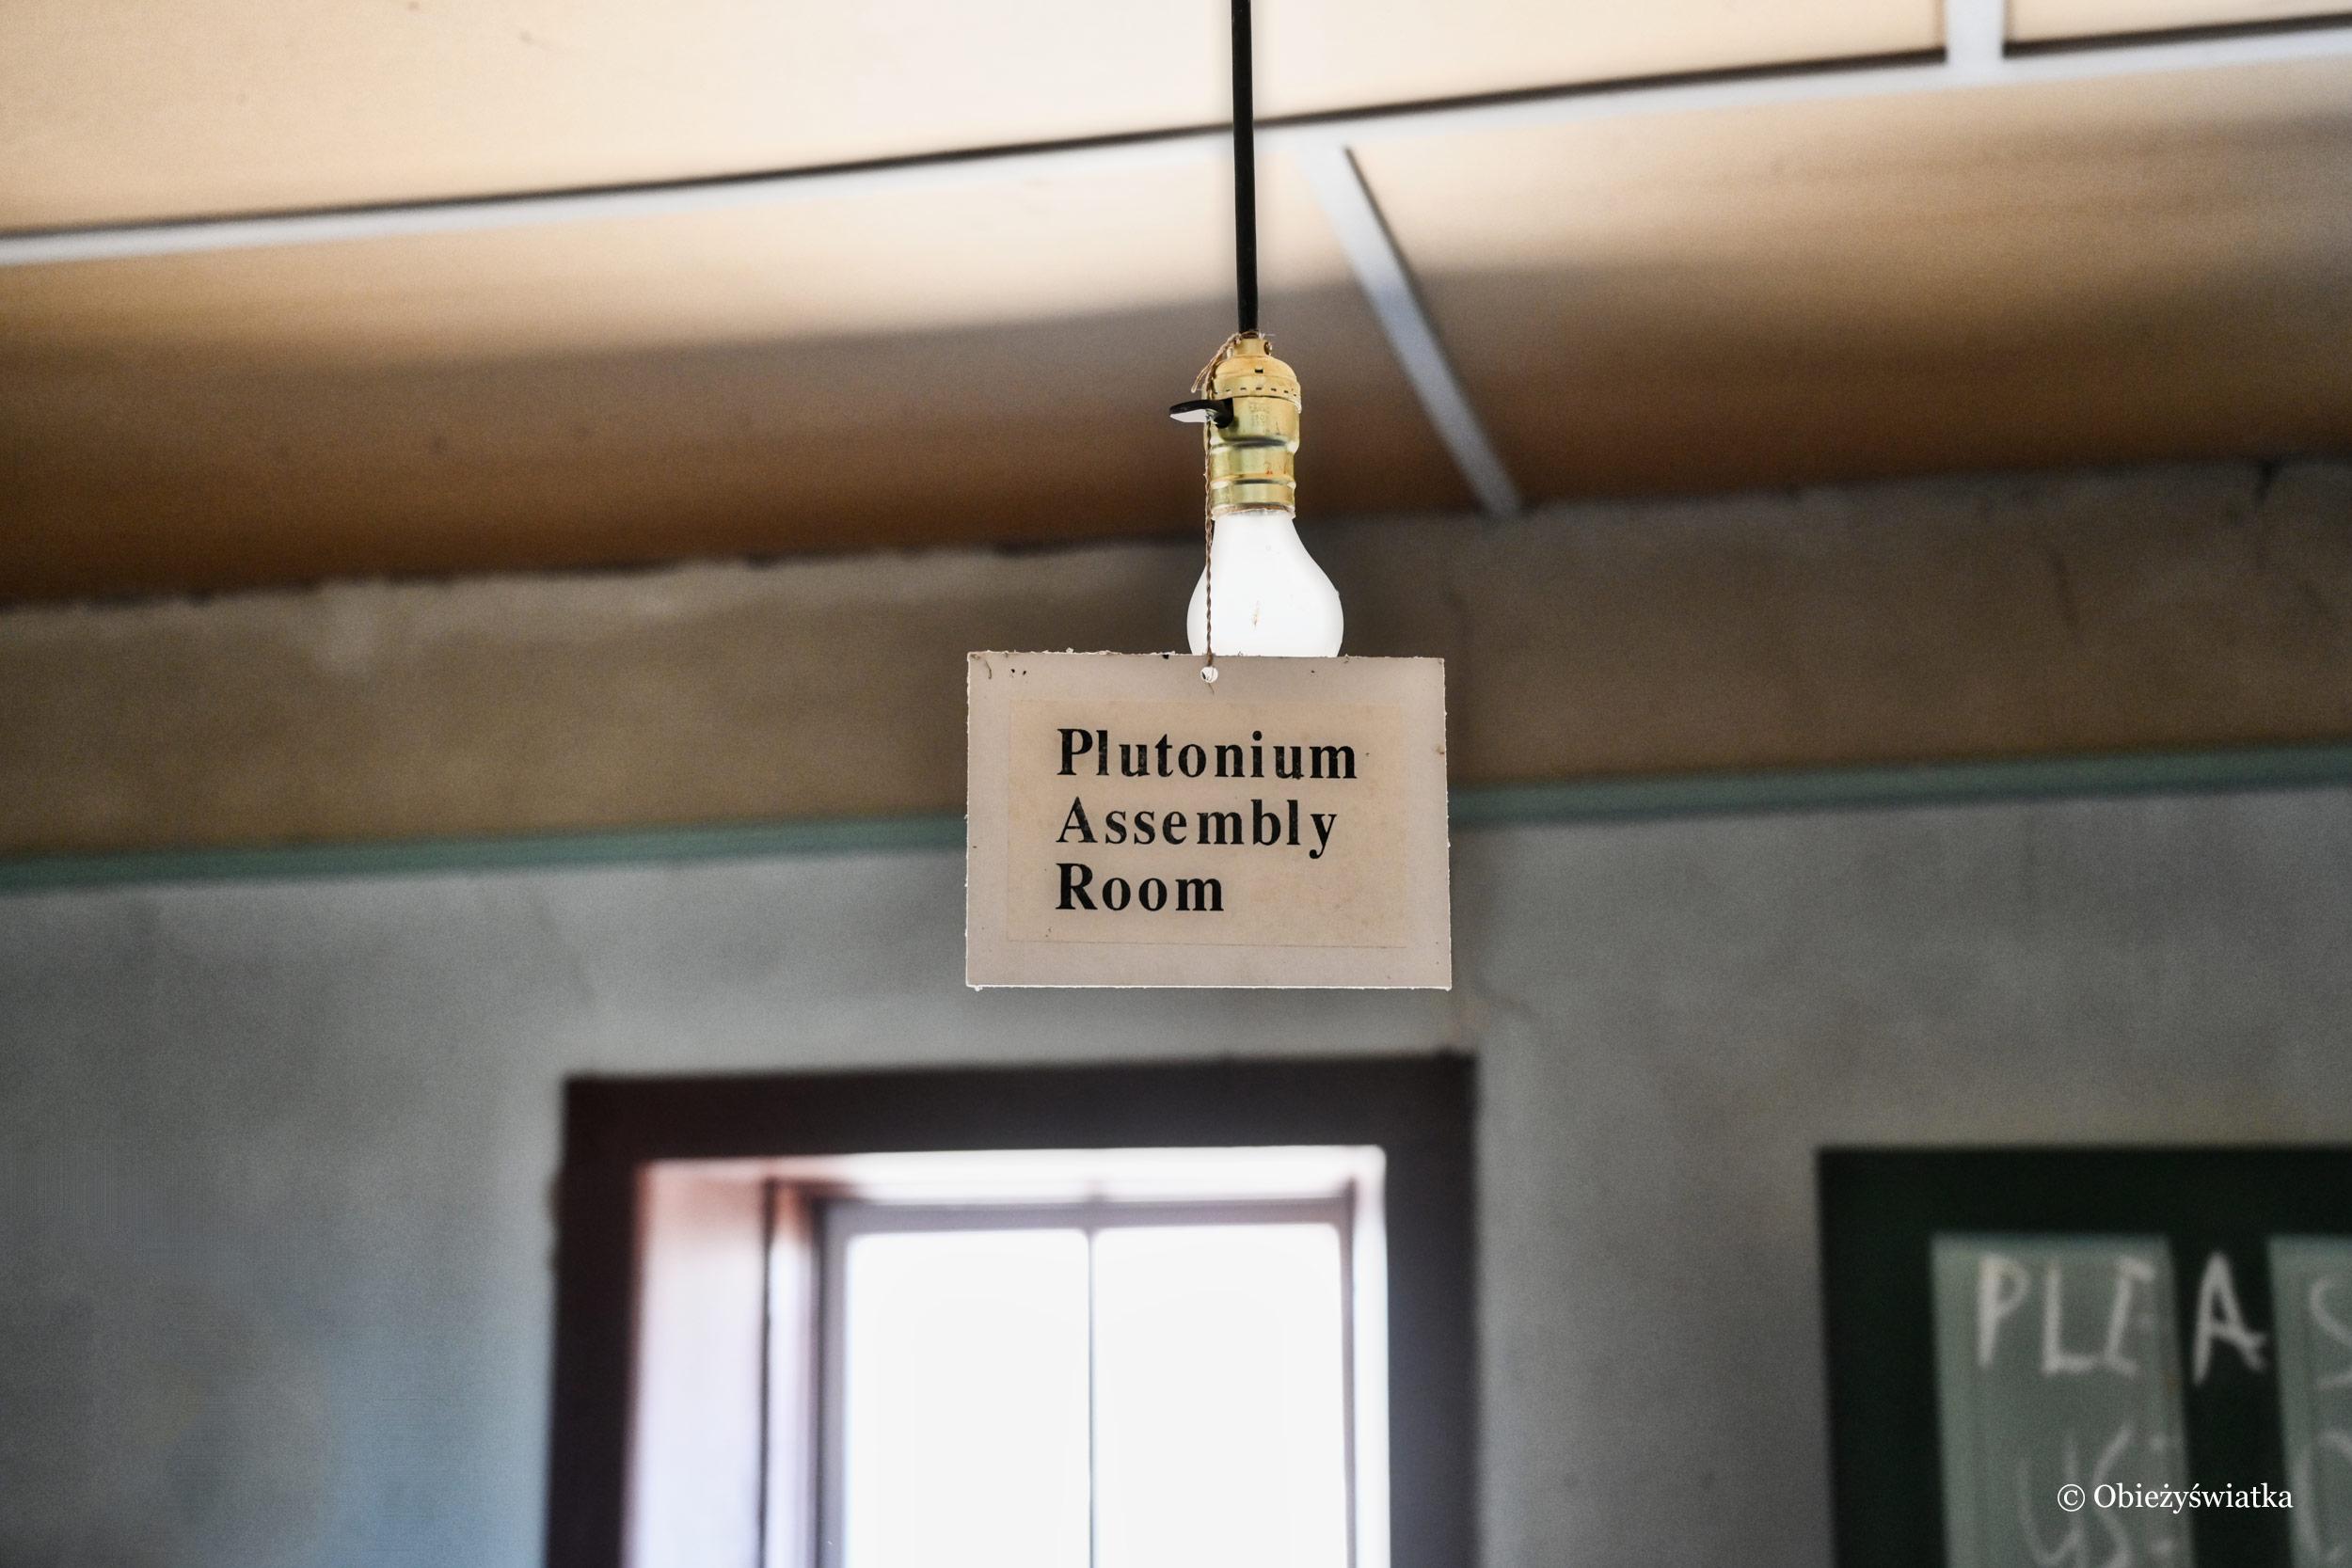 W tym pomieszczeniu składowano pluton potrzebny do bomby - McDonalds Ranch House, Nowy Meksyk